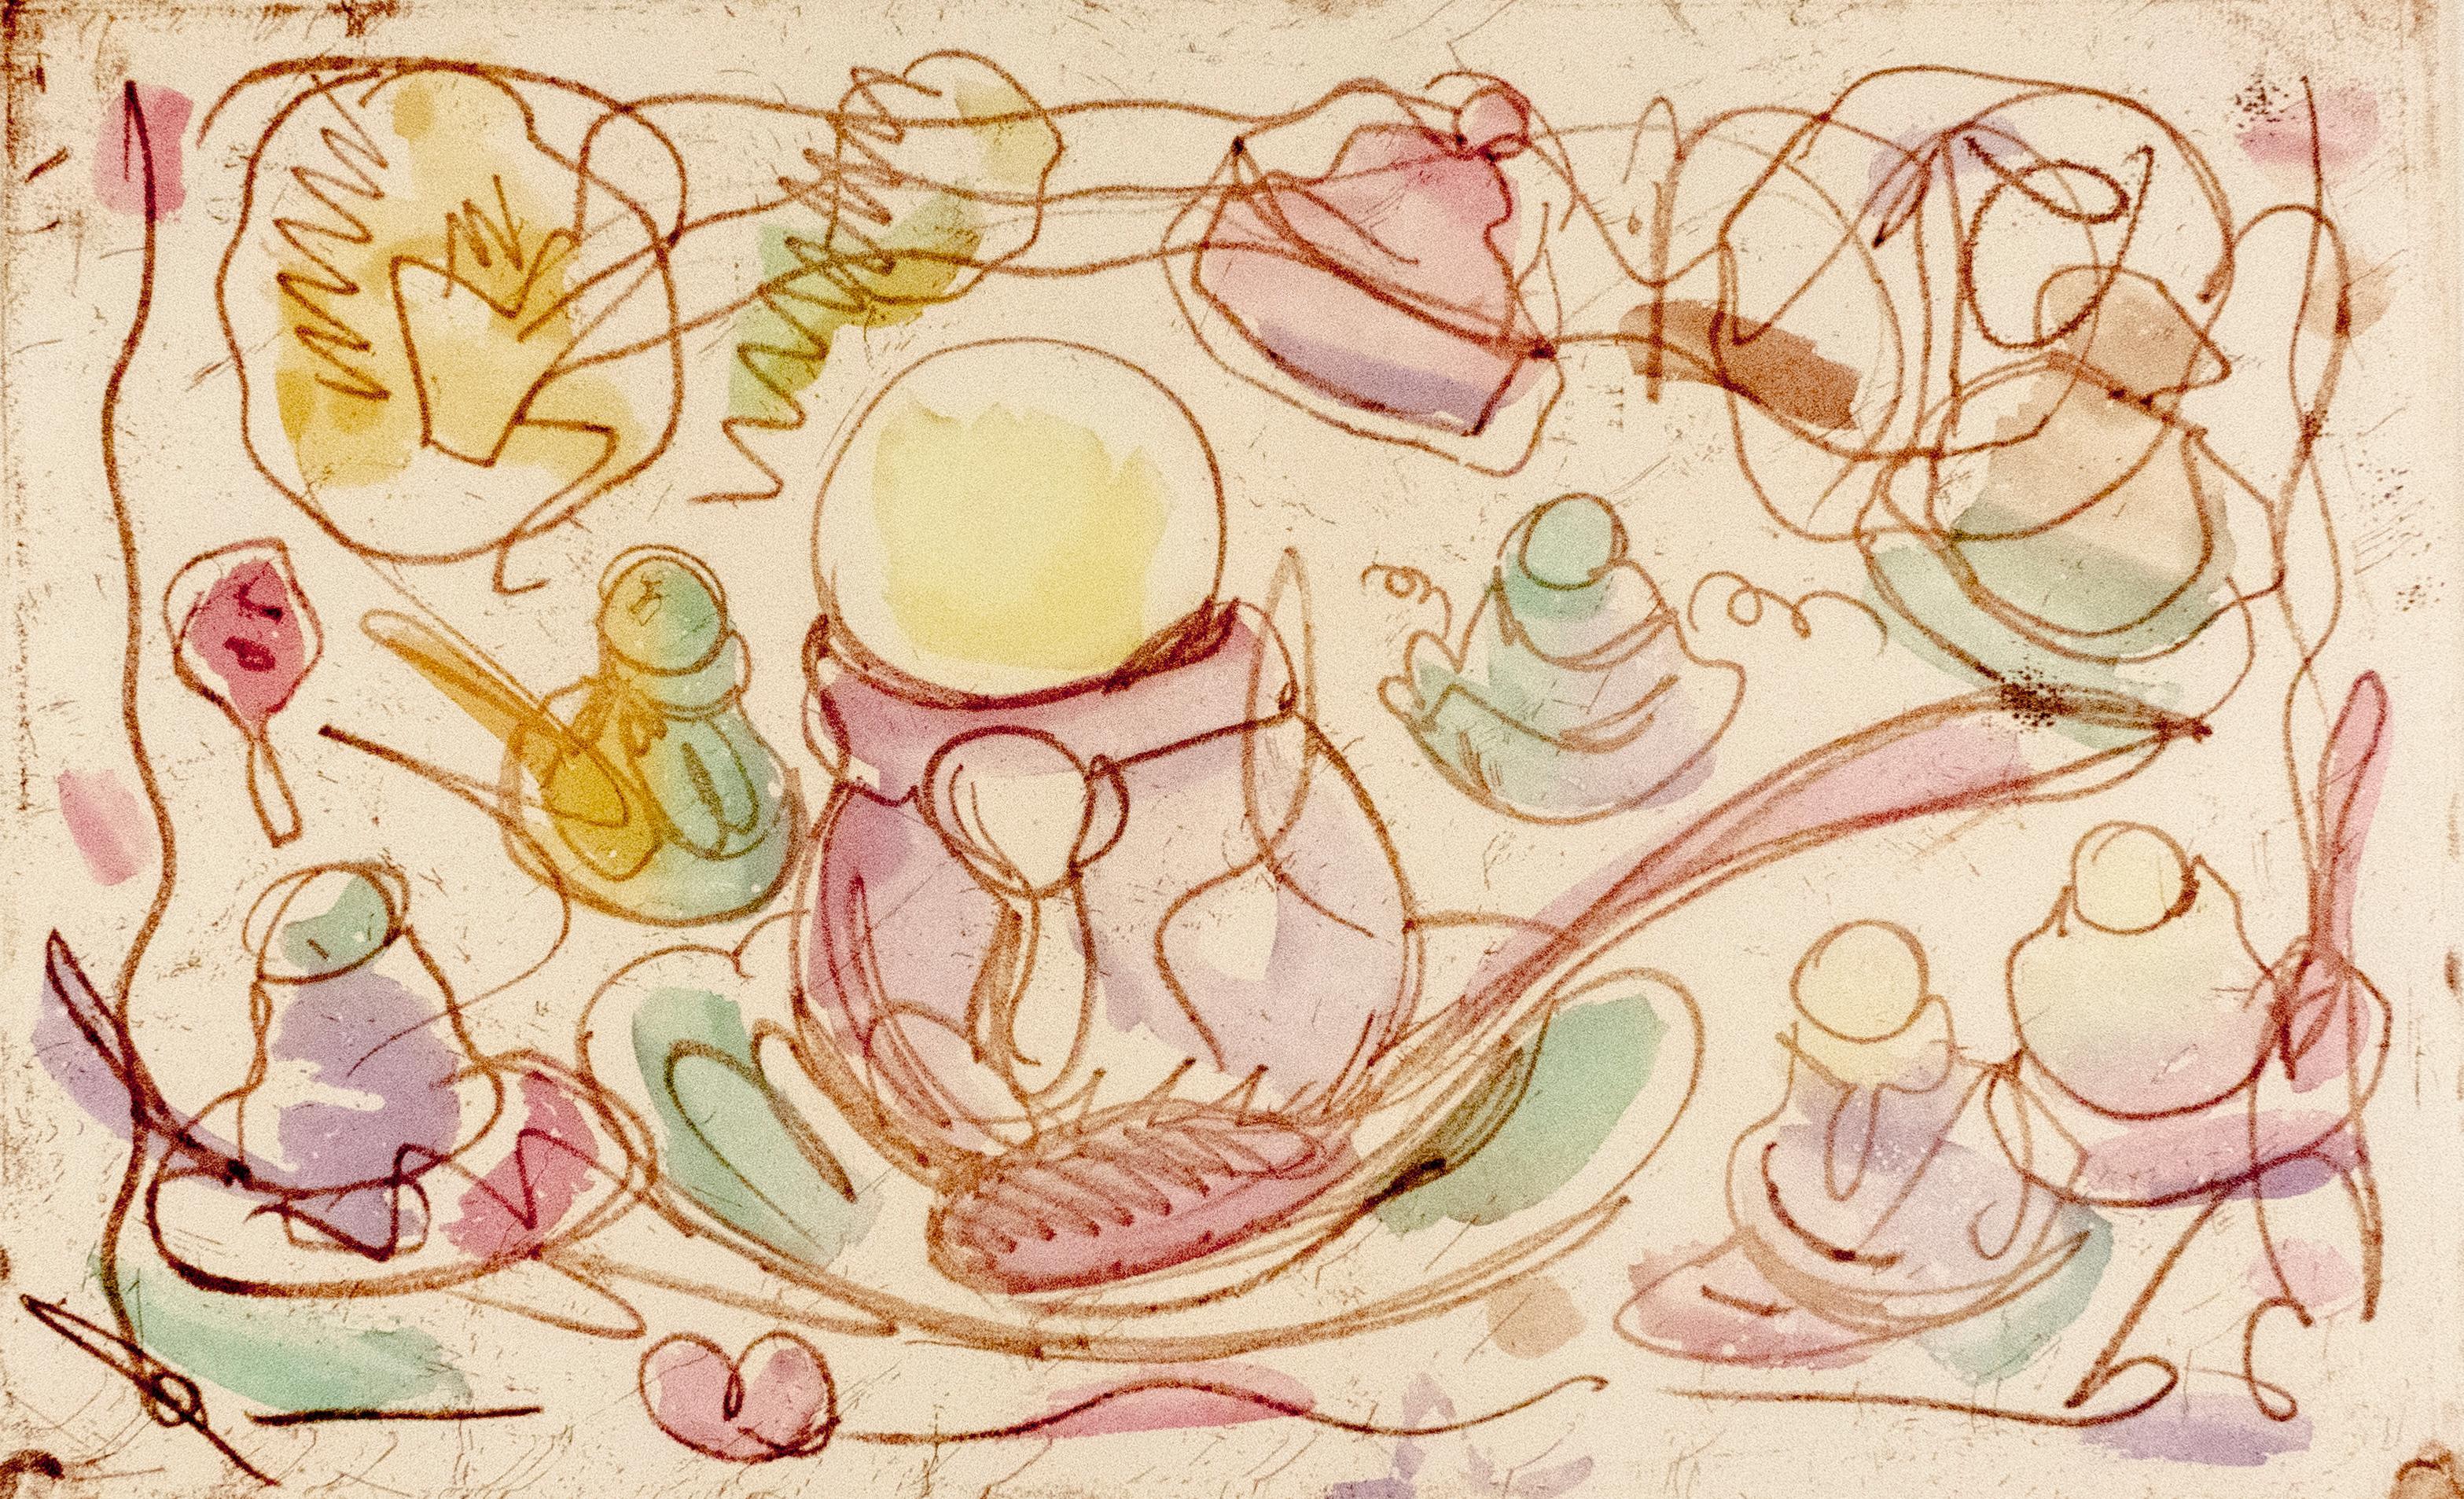 Ice Cream Desserts (A) Claes Oldenburg dessert parfait etching in rainbow pastel